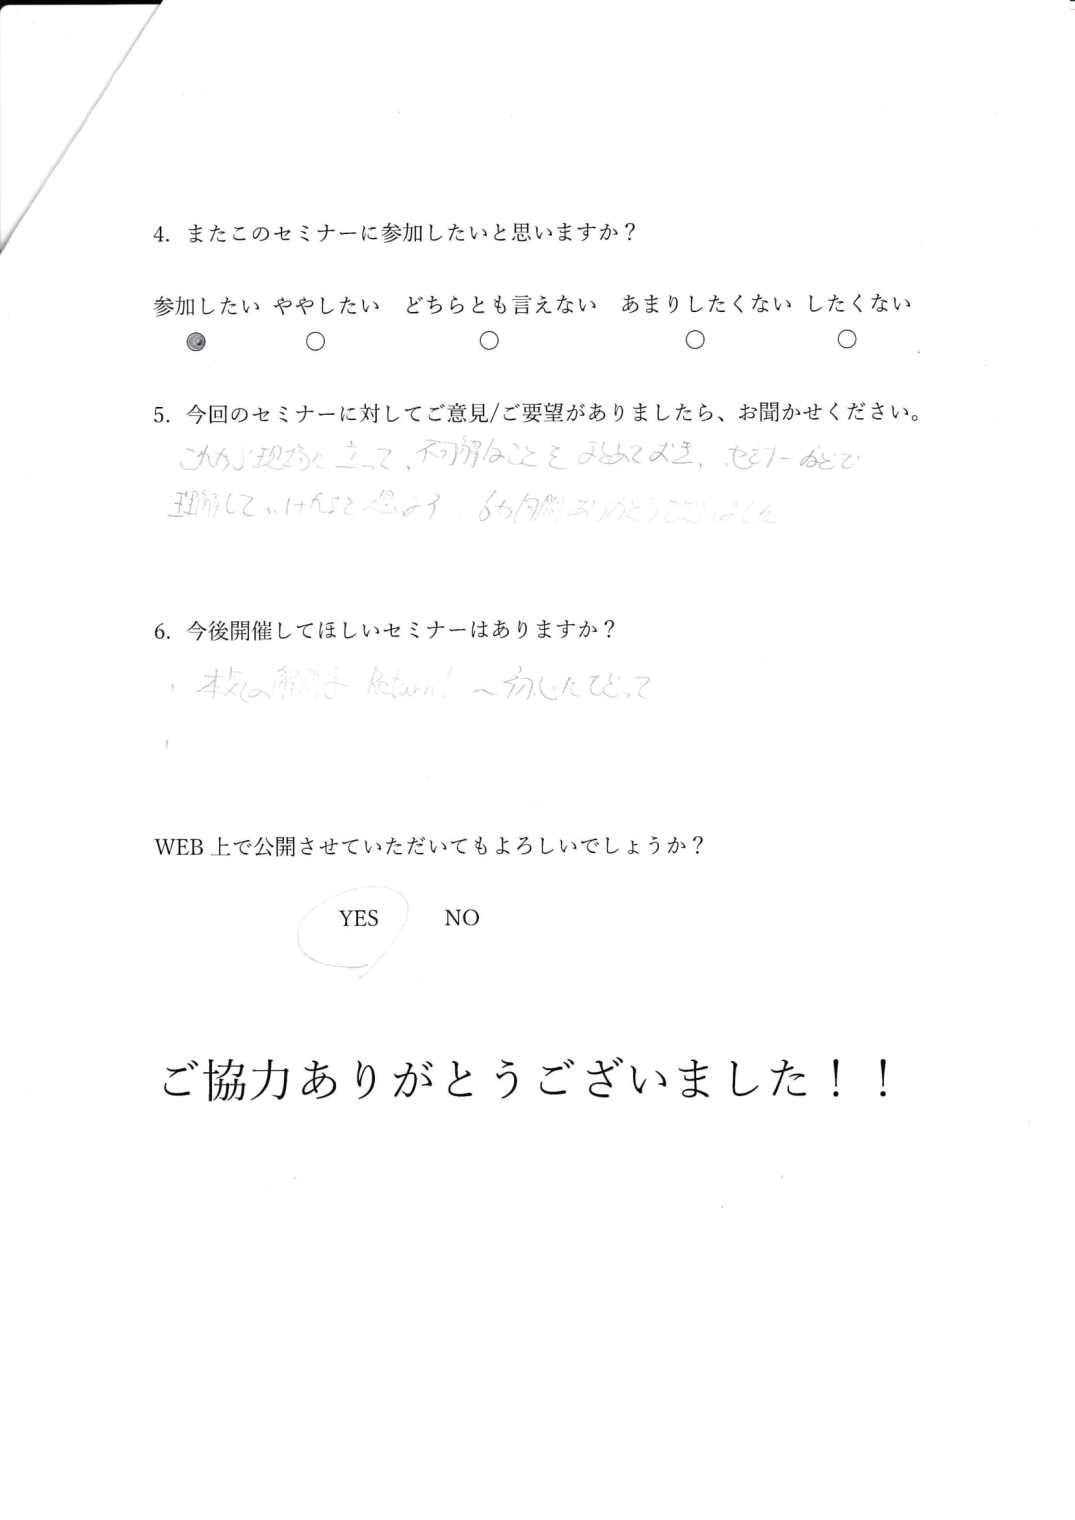 細田さん 感想2-1